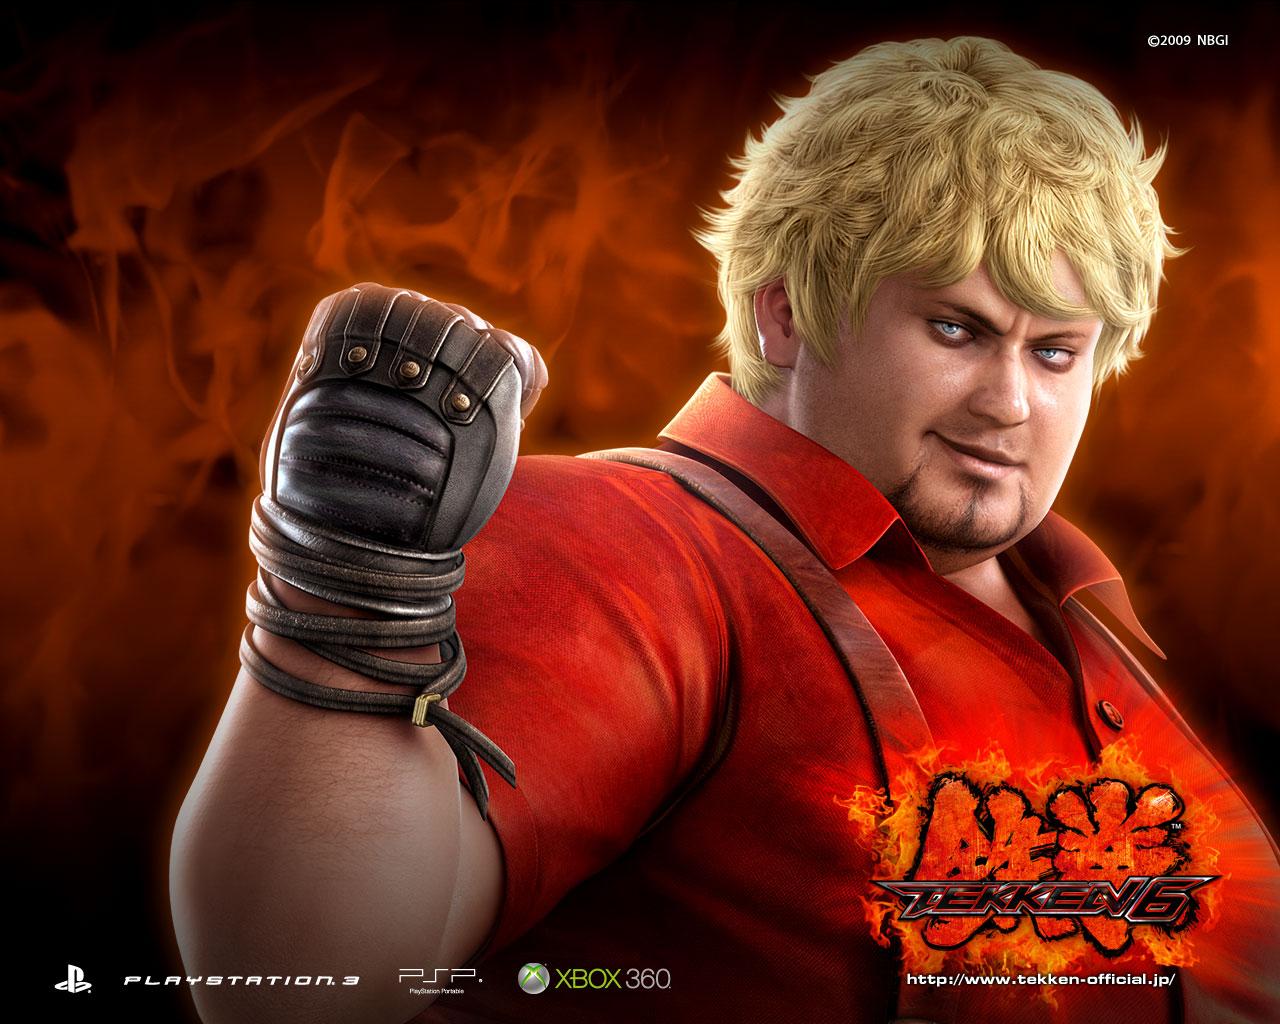 Tekken 6 desktop wallpaper Tekken 6 wallpapers 1280x1024